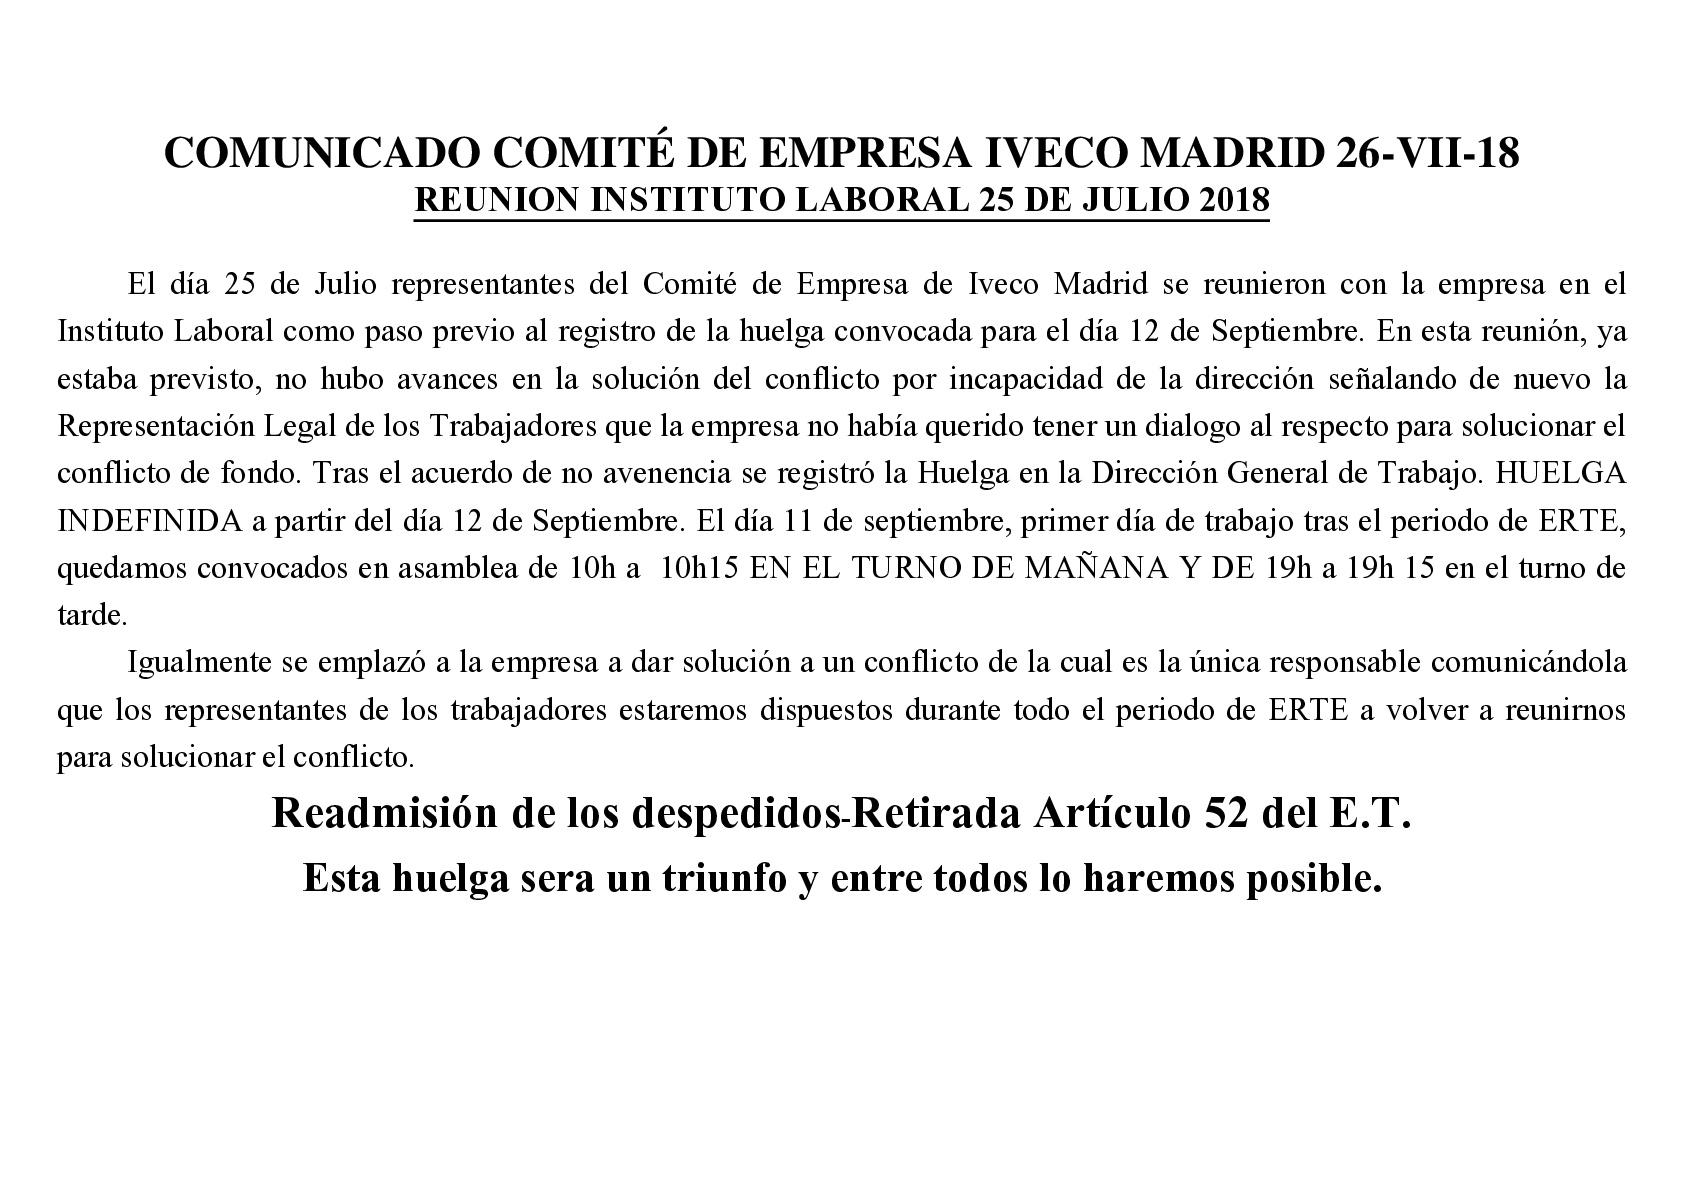 COMUNICADO COMITE DIA 26 DE JULIO DE 2018 (1)(1)-001